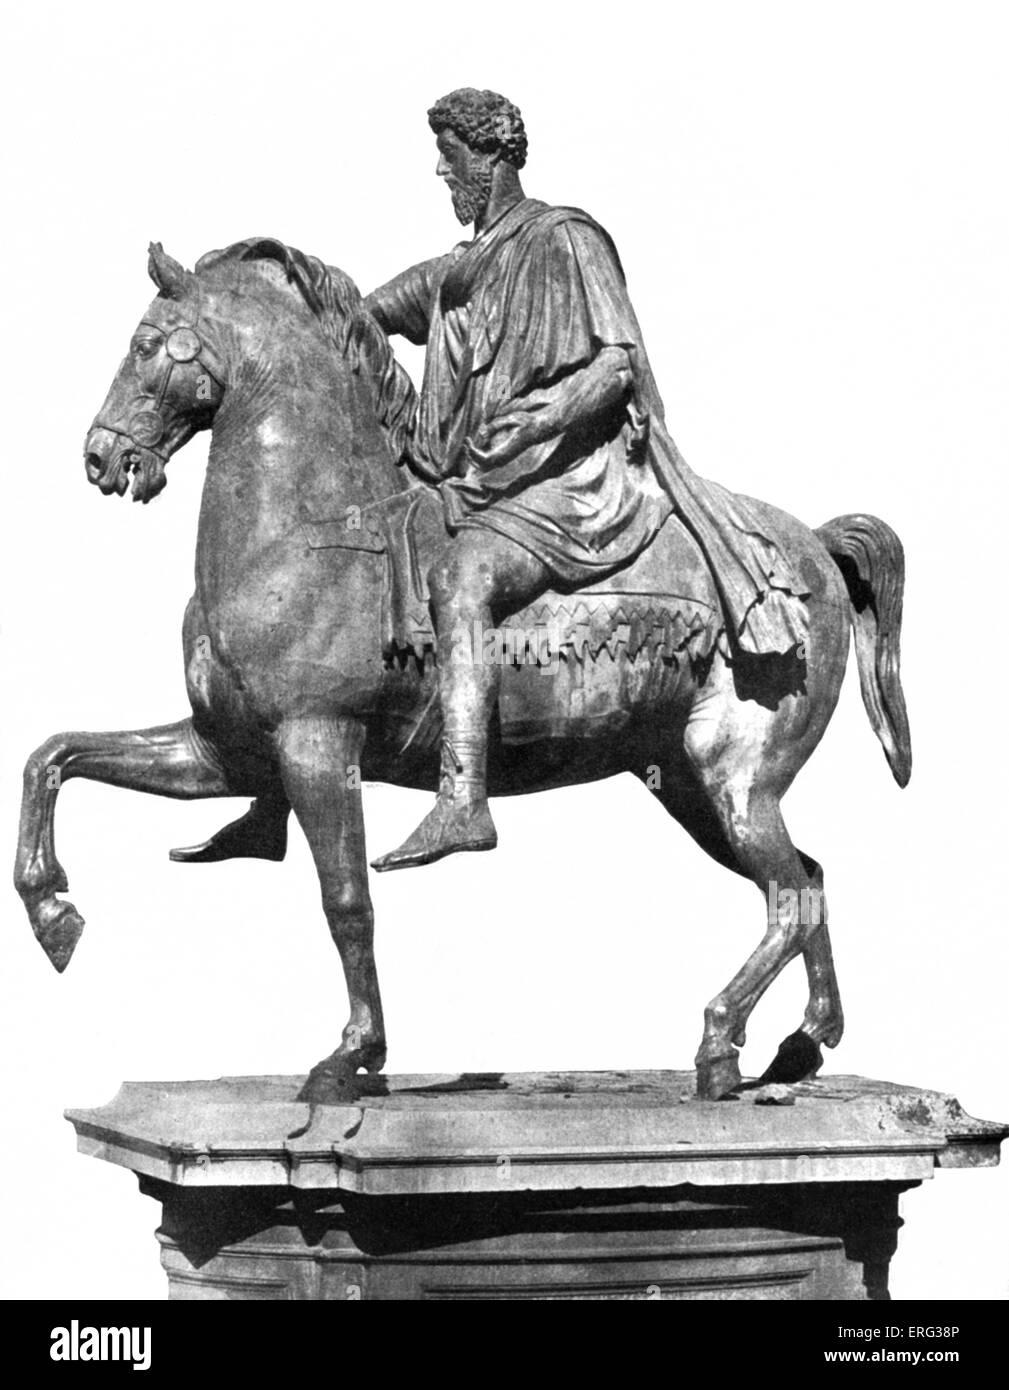 Marcus Aurelius, sculpture , while mounted.  Marcus Aurelius Antoninus Augustus, Roman Emperor 26 April 121 - 17 - Stock Image